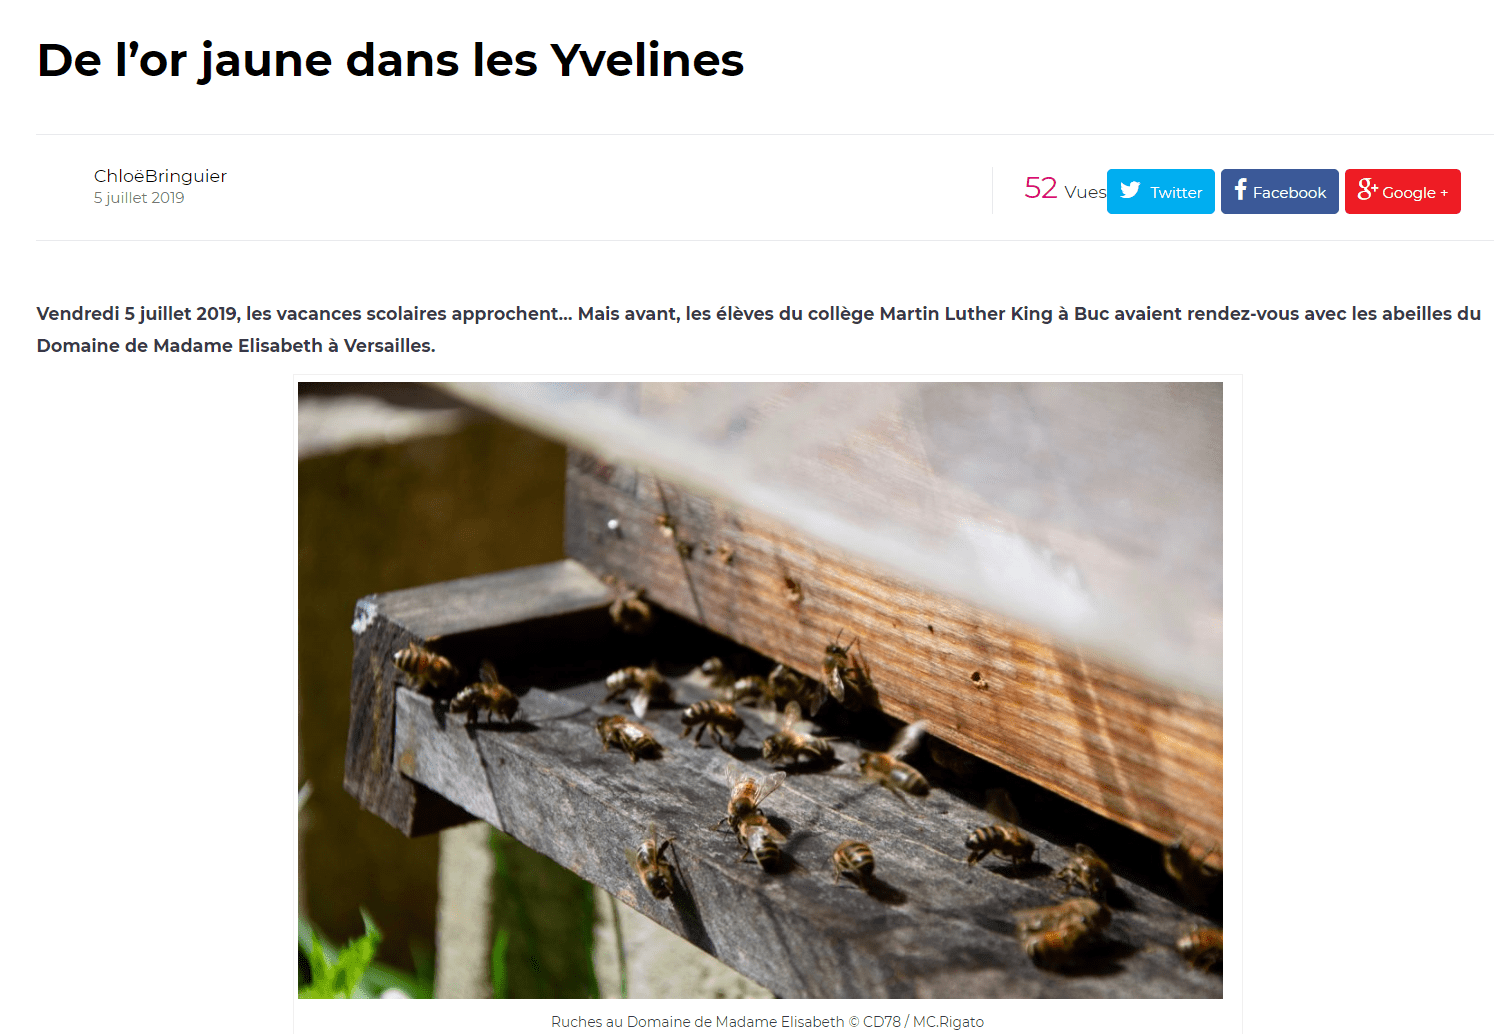 De l'or jaune dans les Yvelines